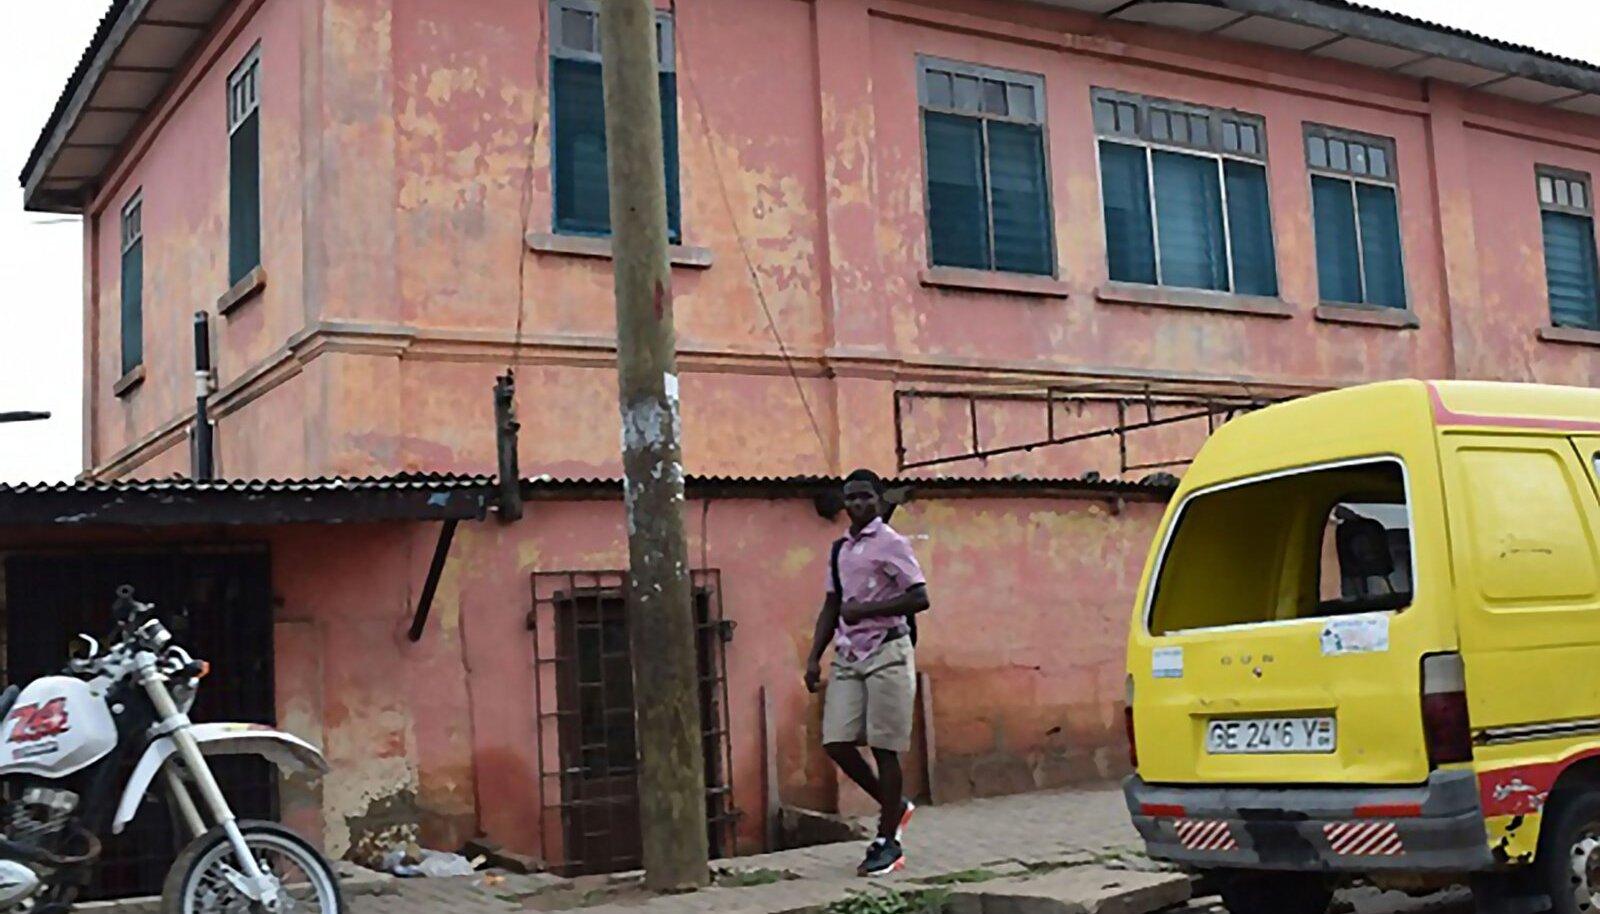 Ghanalased uskusid tõesti, et sellises urkas võib tegutseda USA saatkond.